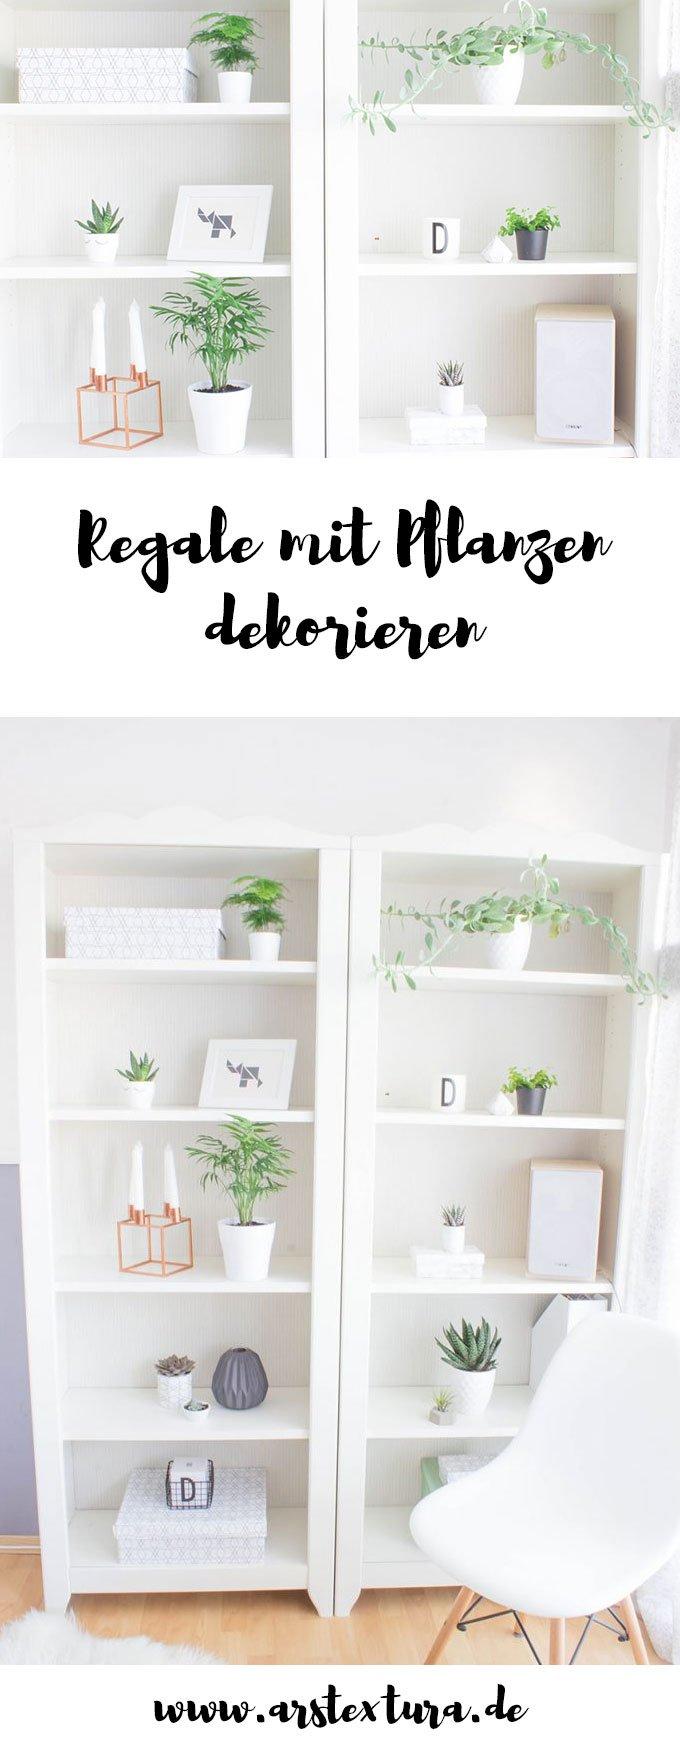 Regale mit Pflanzen dekorieren - Urban Jungle Bloggers